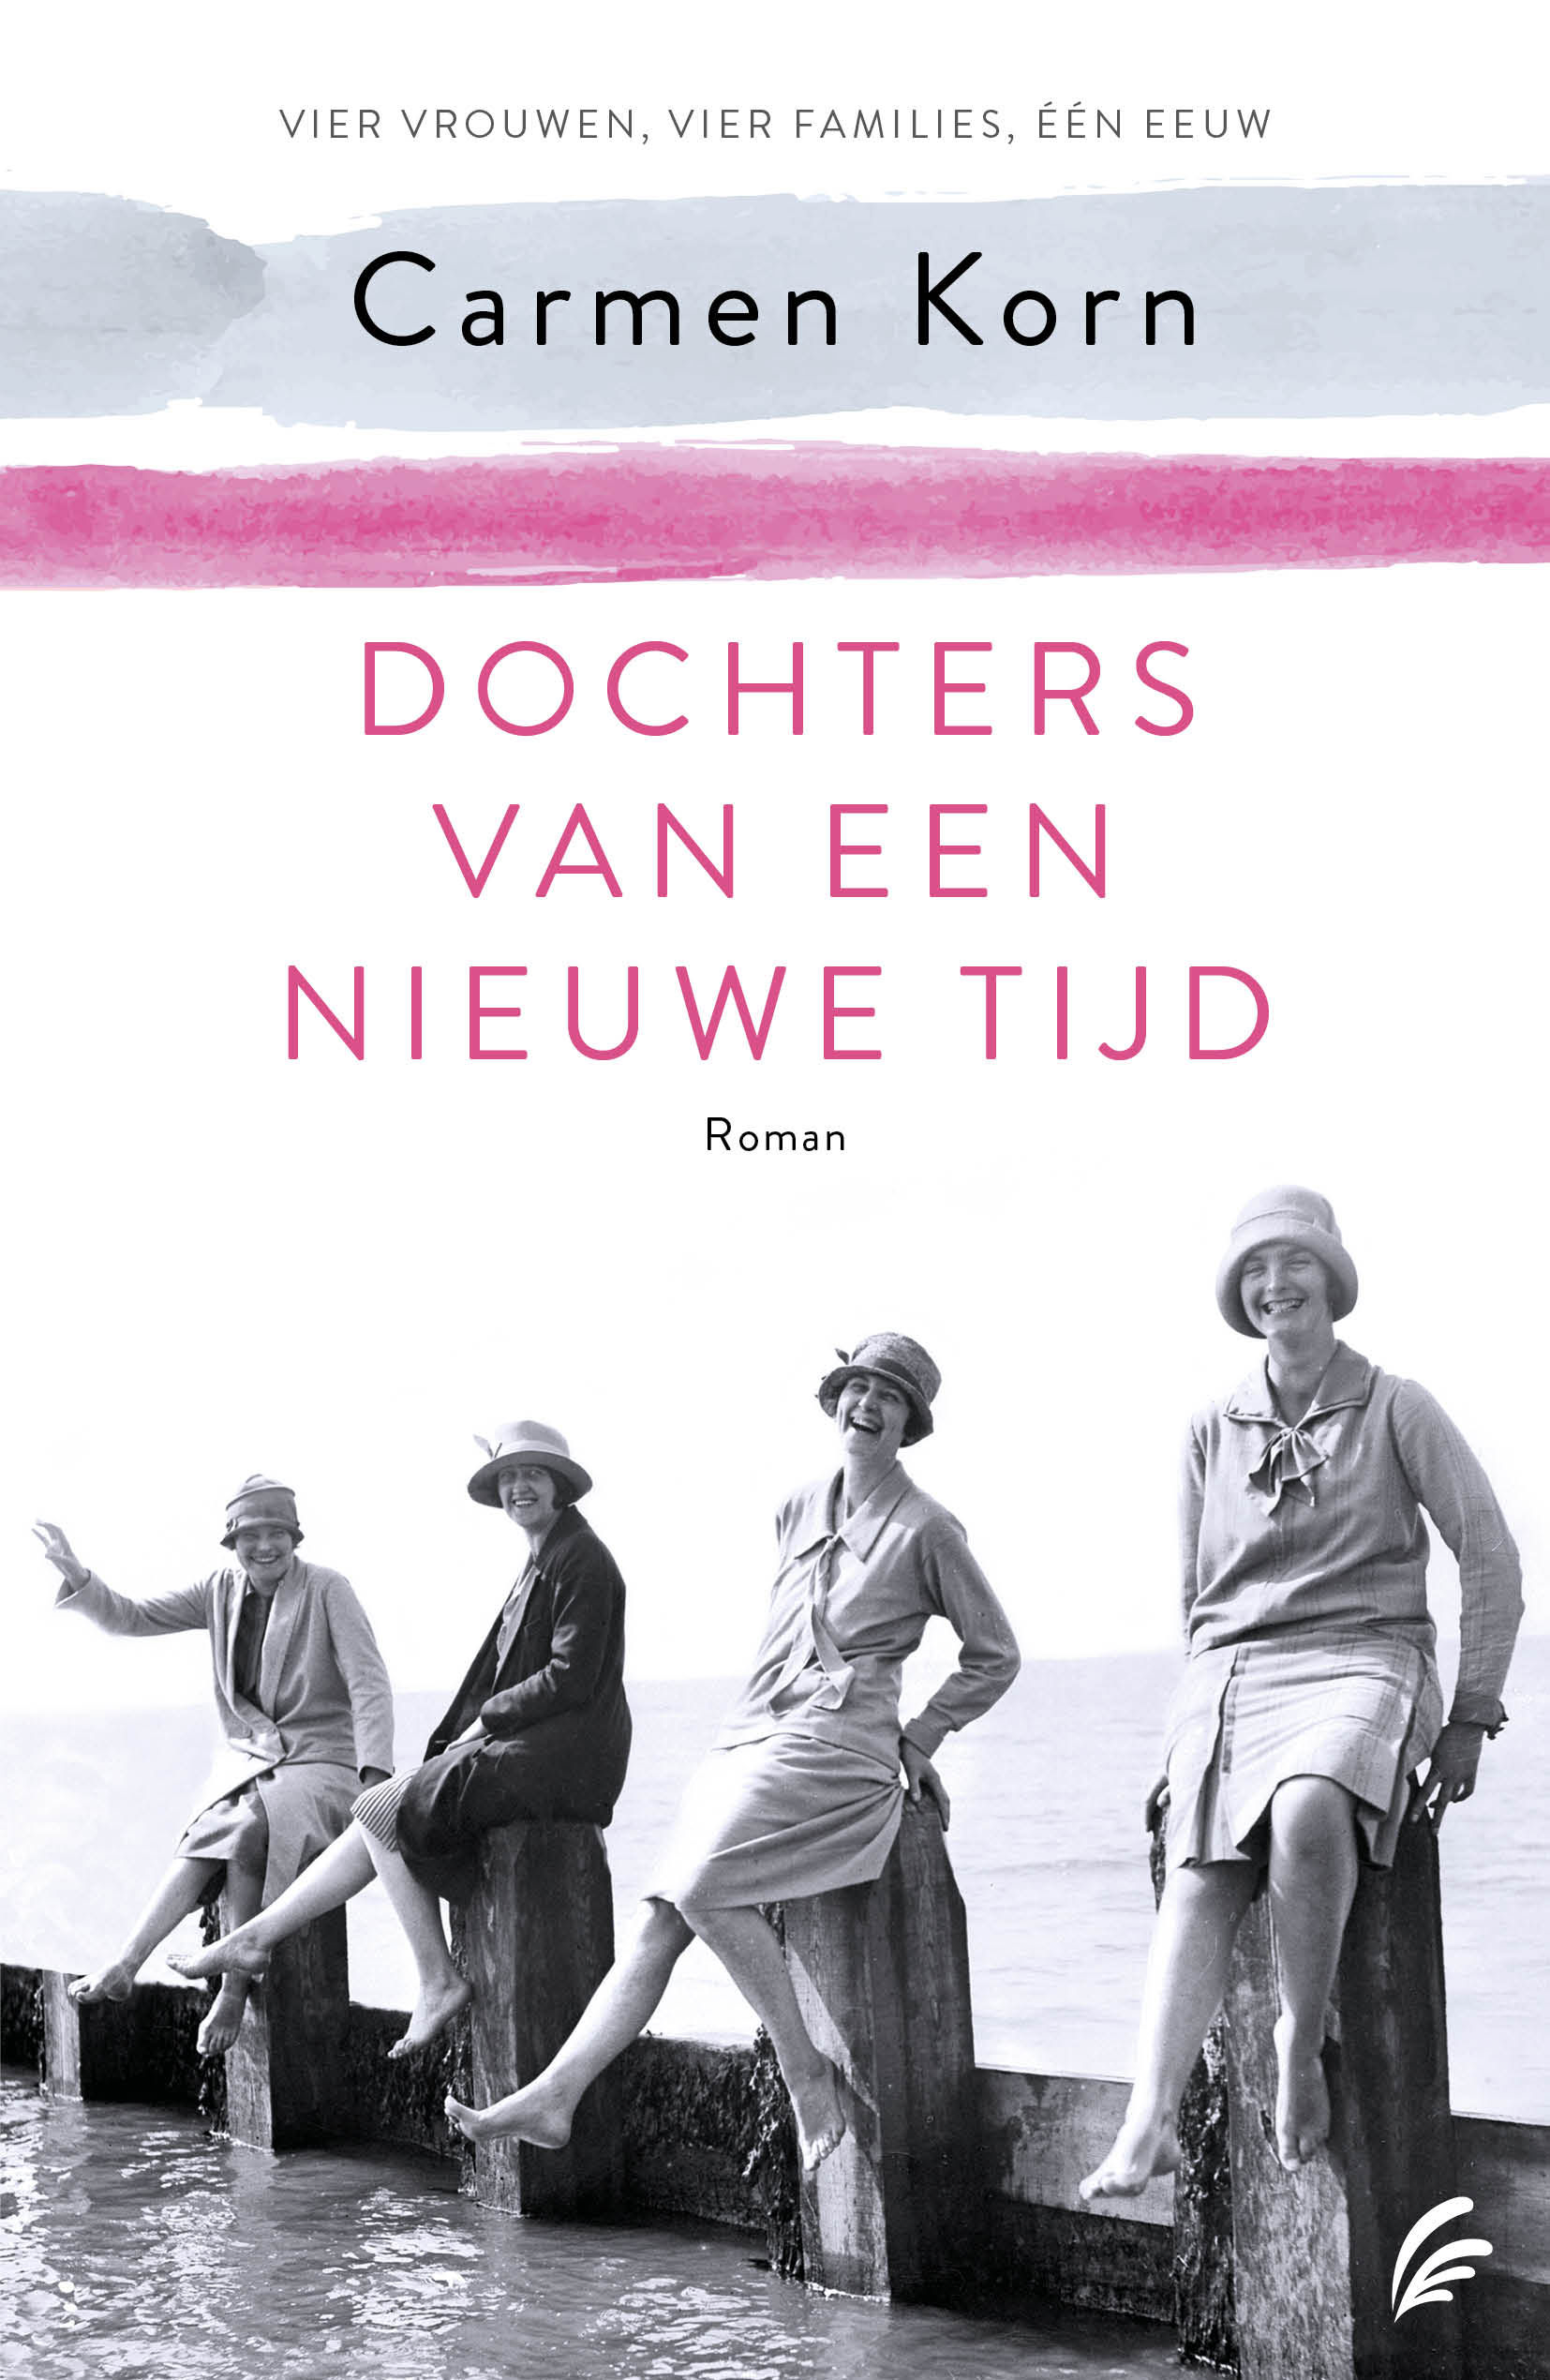 Dochters van een nieuwe tijd - boekenflits.nl